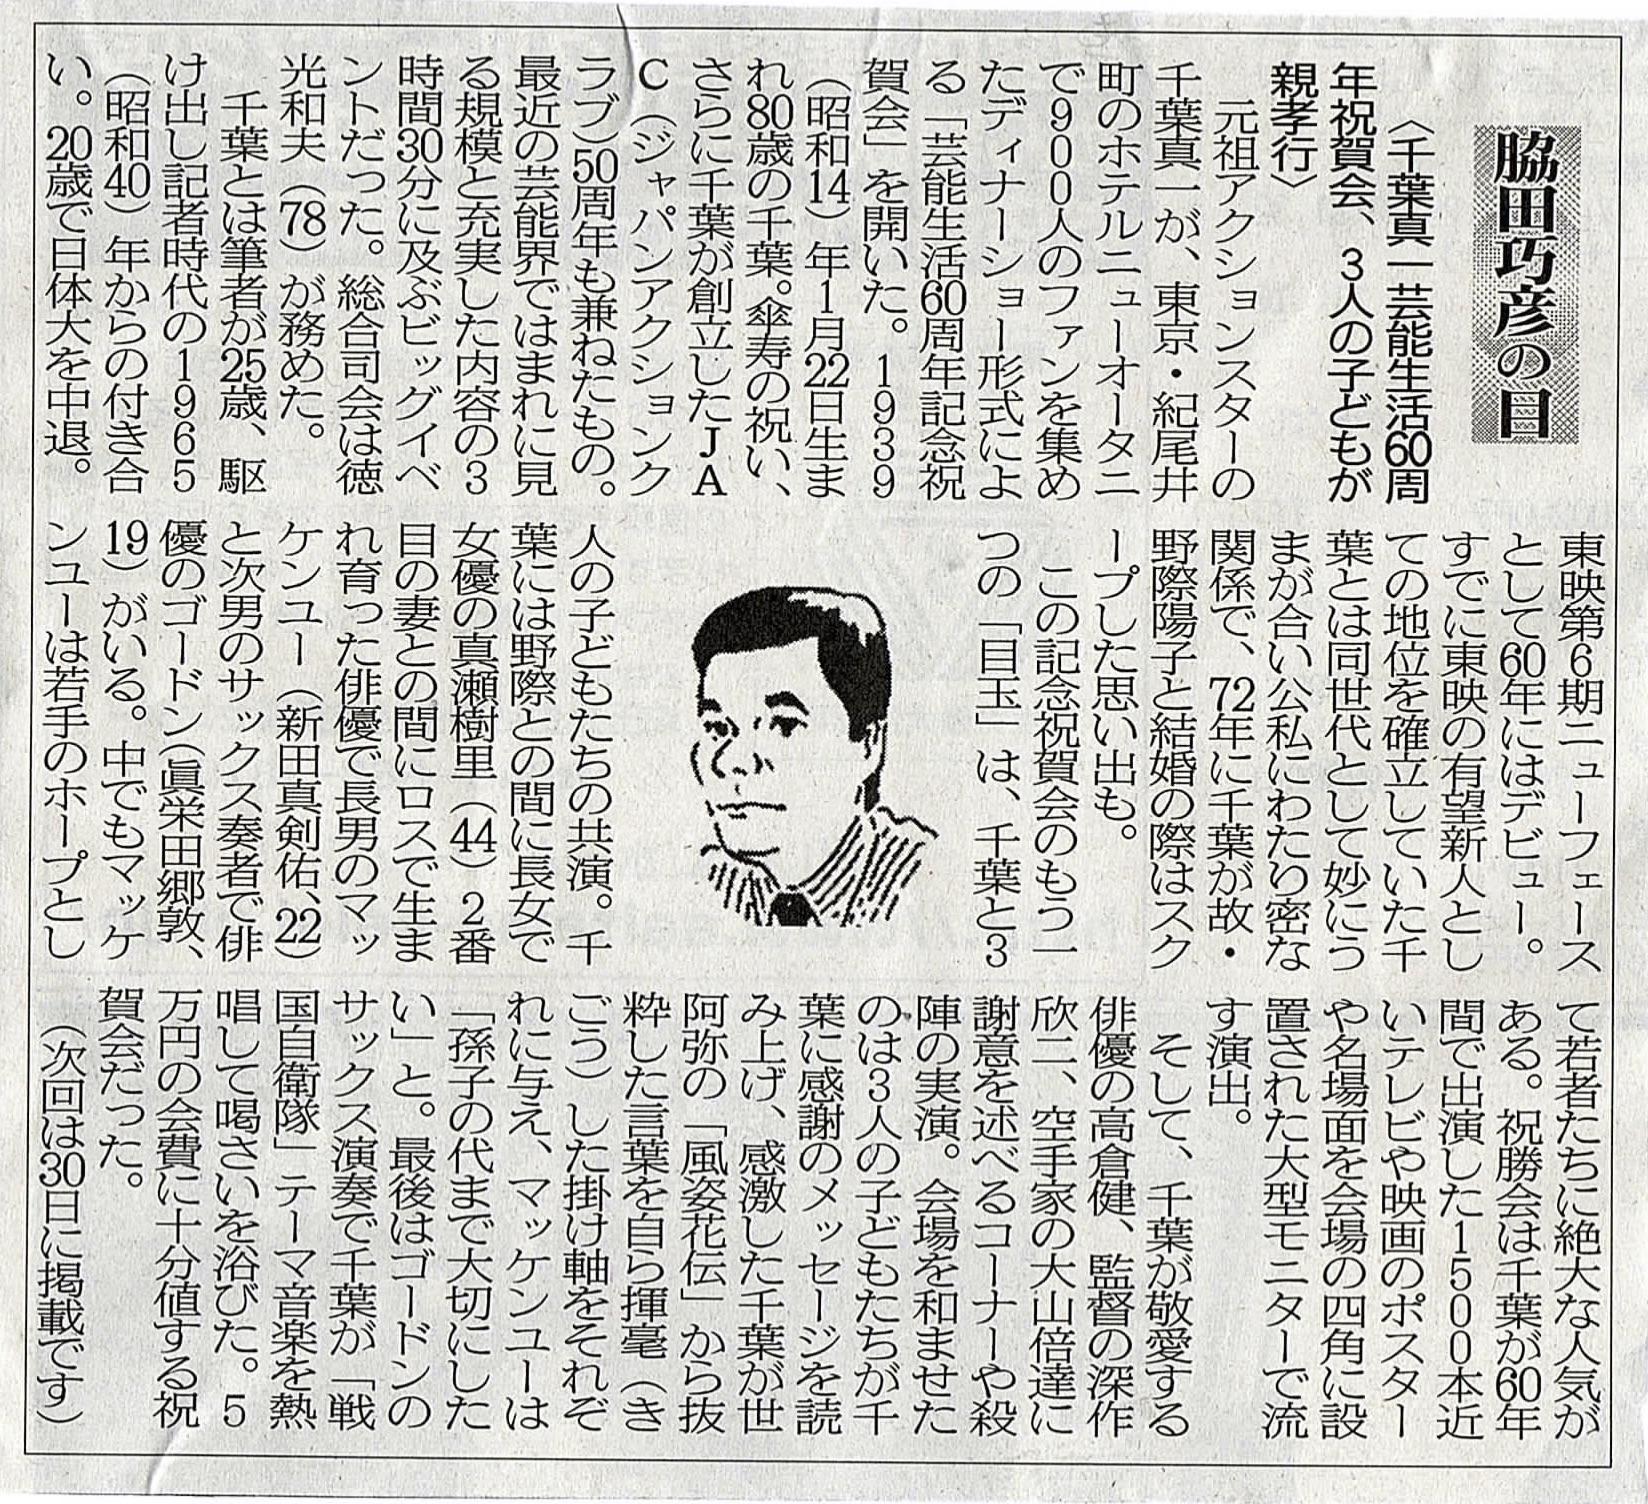 2019年11月16日 千葉真一芸能生活60周年祝賀会、3人のこどもが親孝行